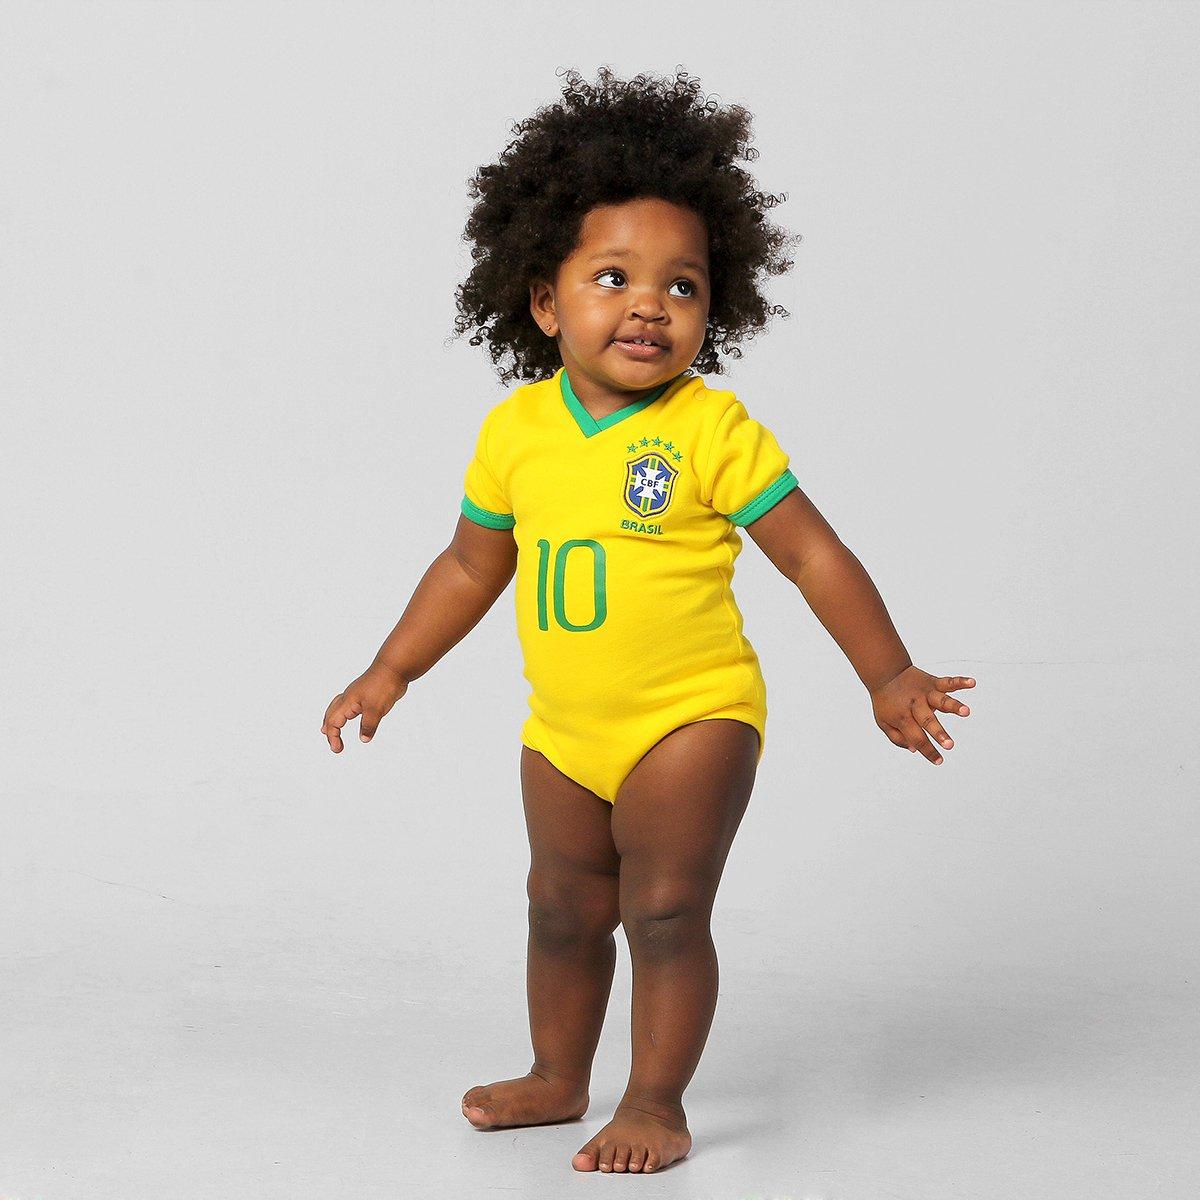 383aed40b0 Body Seleção Brasileira Camisa I Nº 10 Infantil - Compre Agora ...